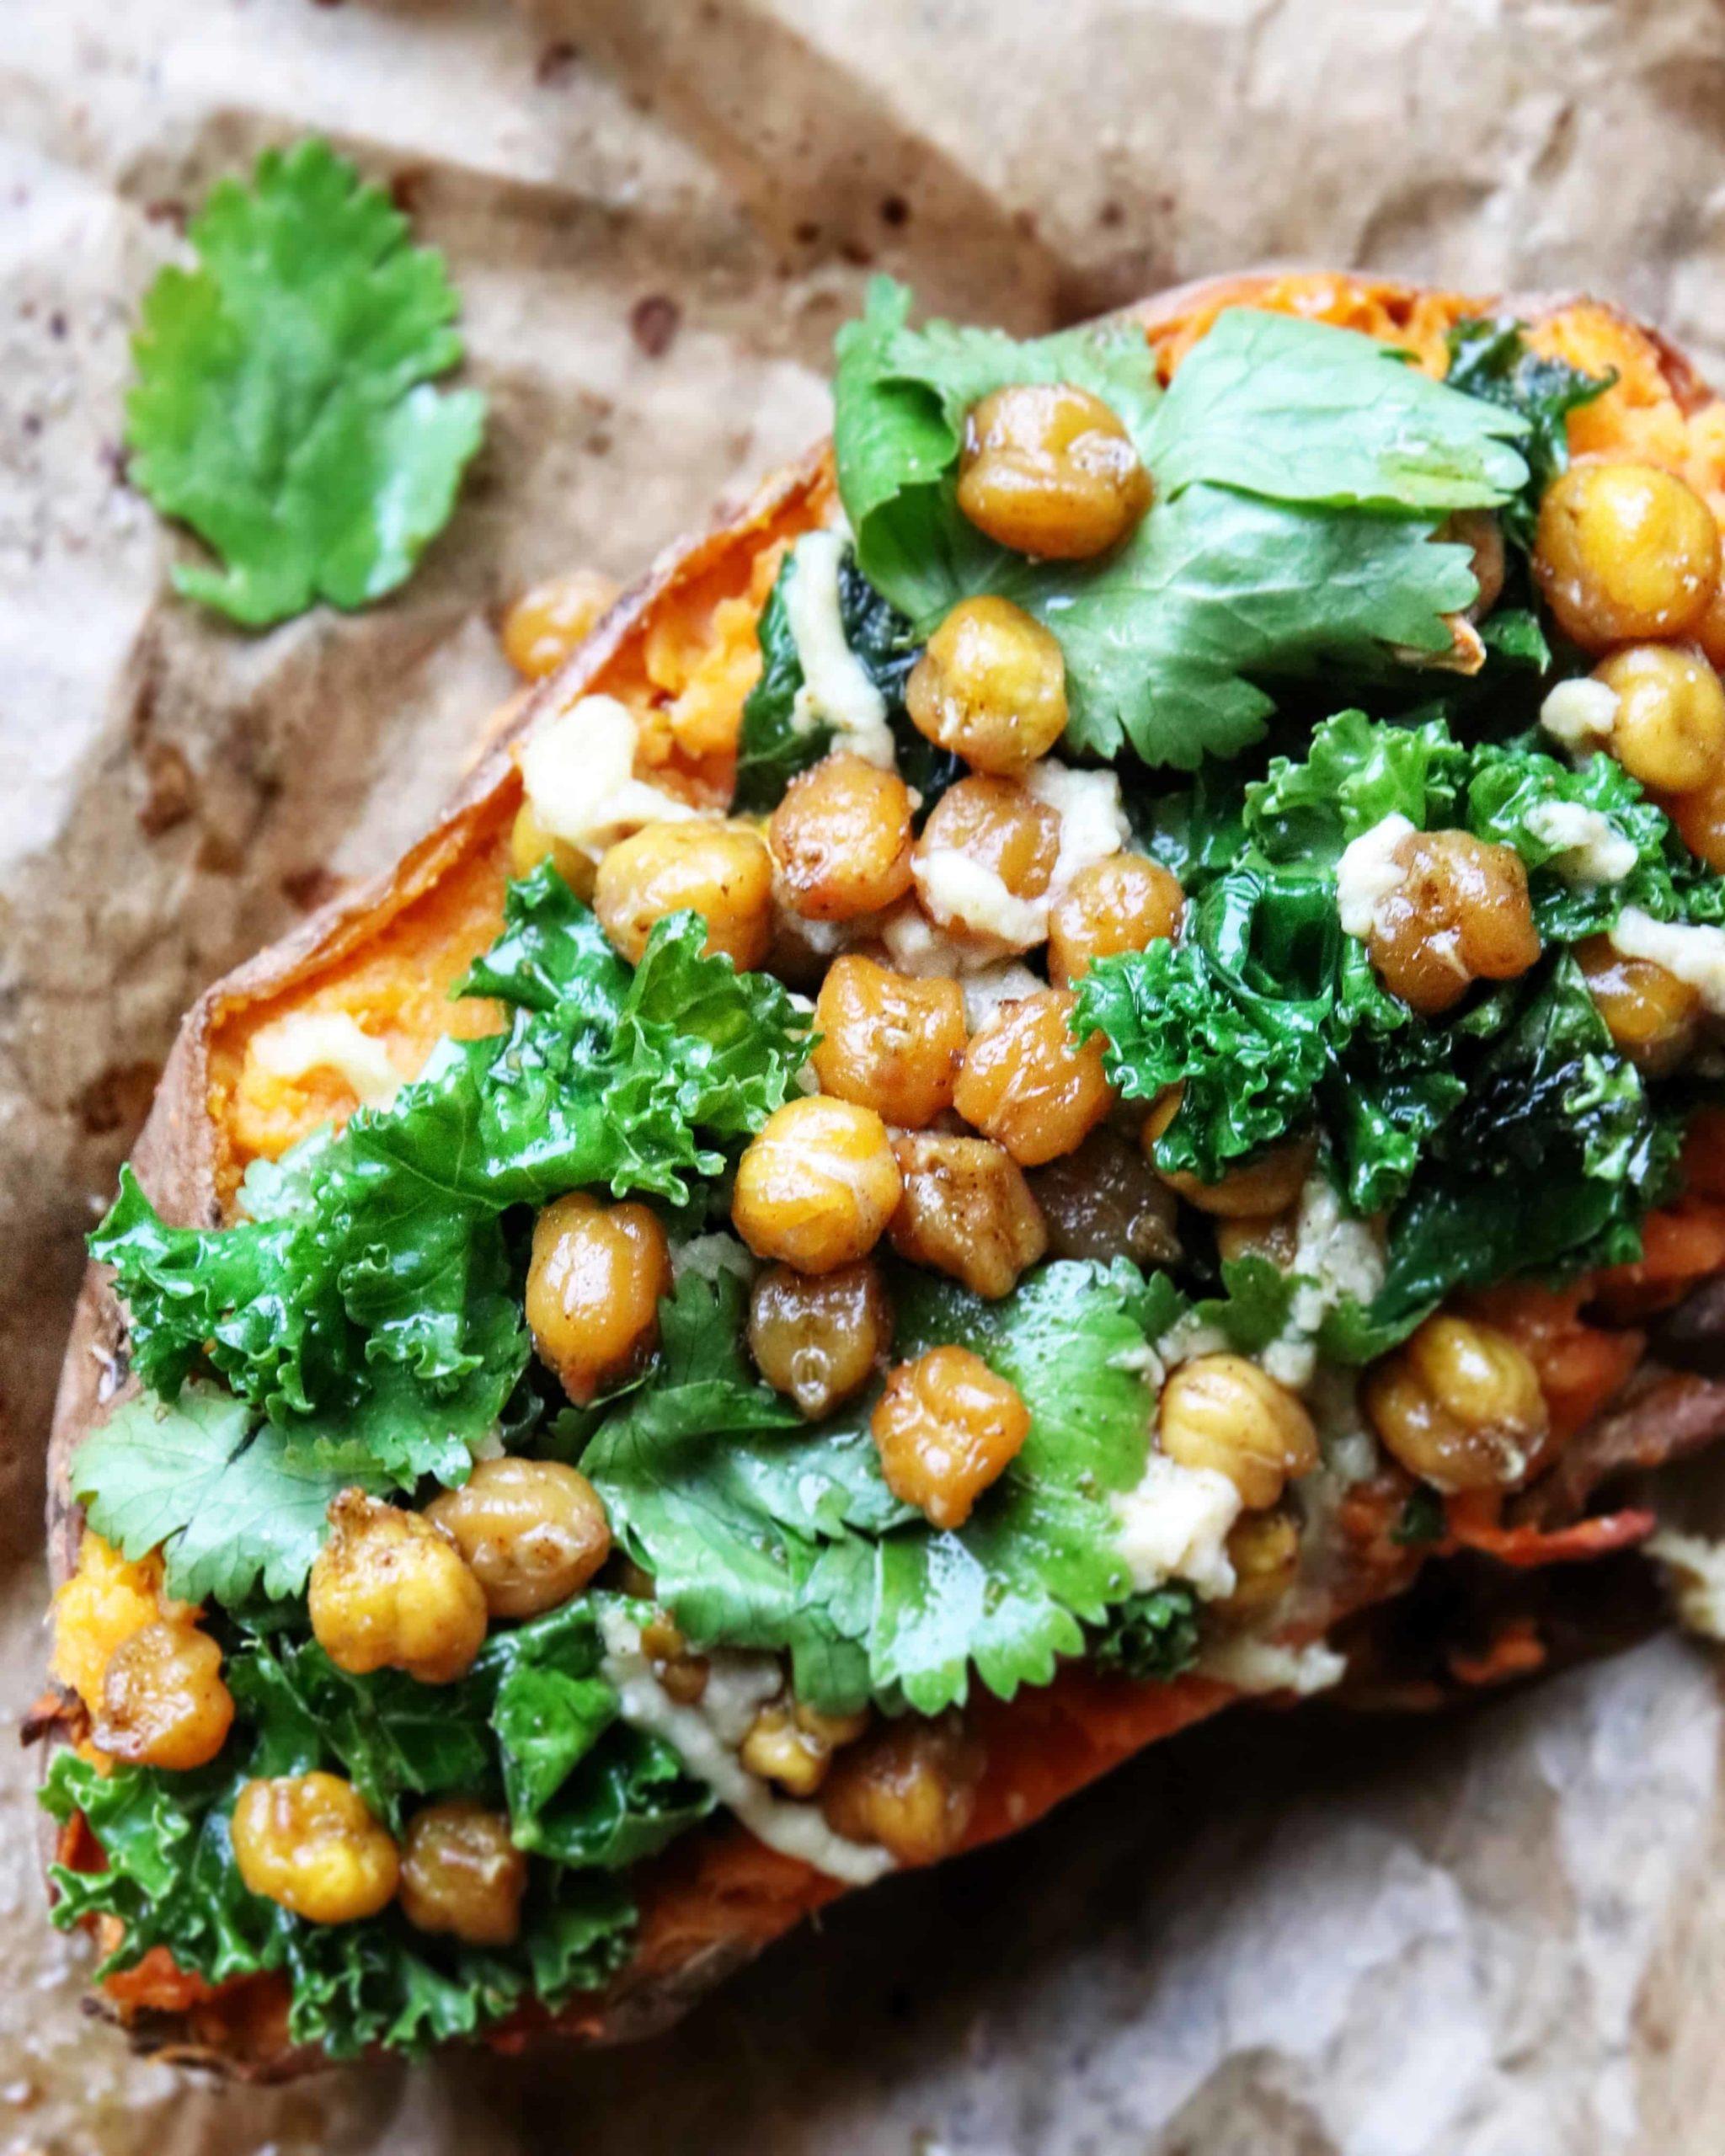 La patate douce - Les proudits fétiches de Baroudeuse Culinaire